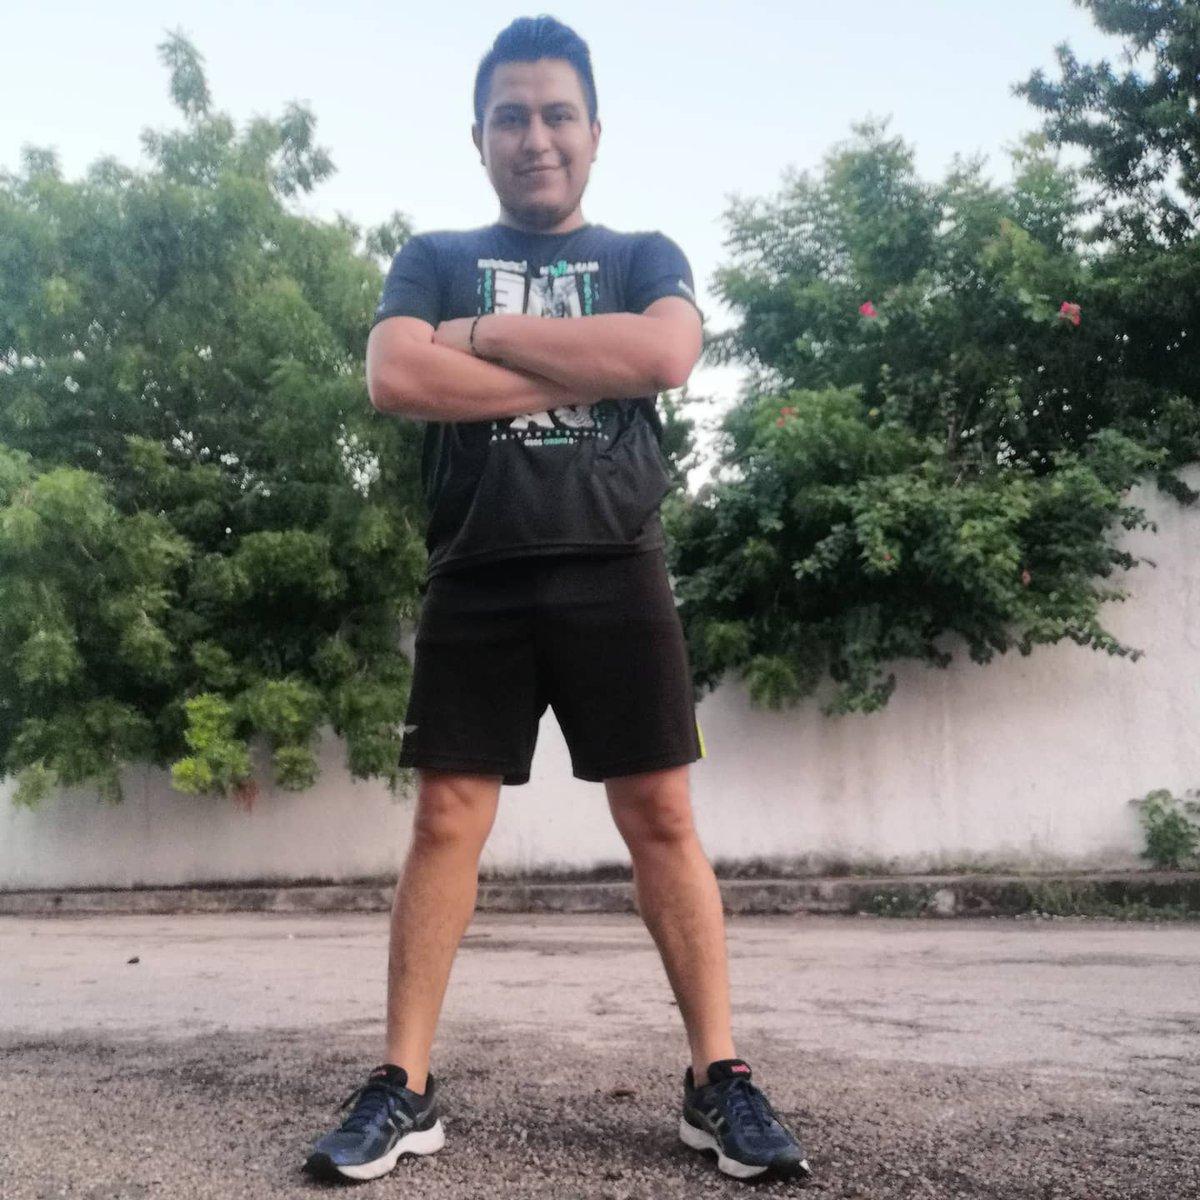 ¡Buenos días!☕🥞Martes de kilómetros 💪🏼😎🔹6km🚴🏻♂️💨🔹5km🏃🏻♂️💨🔹6km🚴🏻♂️💨🔙 #AlcanzandoMetas #running #runner #runningmotivation #runnersworld #asics #nikerunning #nikerunclub #runningcommunity  #comunirunners #runforlife #happyrunner #yoelegícorrer #iloverunning #iloverun #runrunrun https://t.co/9y0O9VRlAo